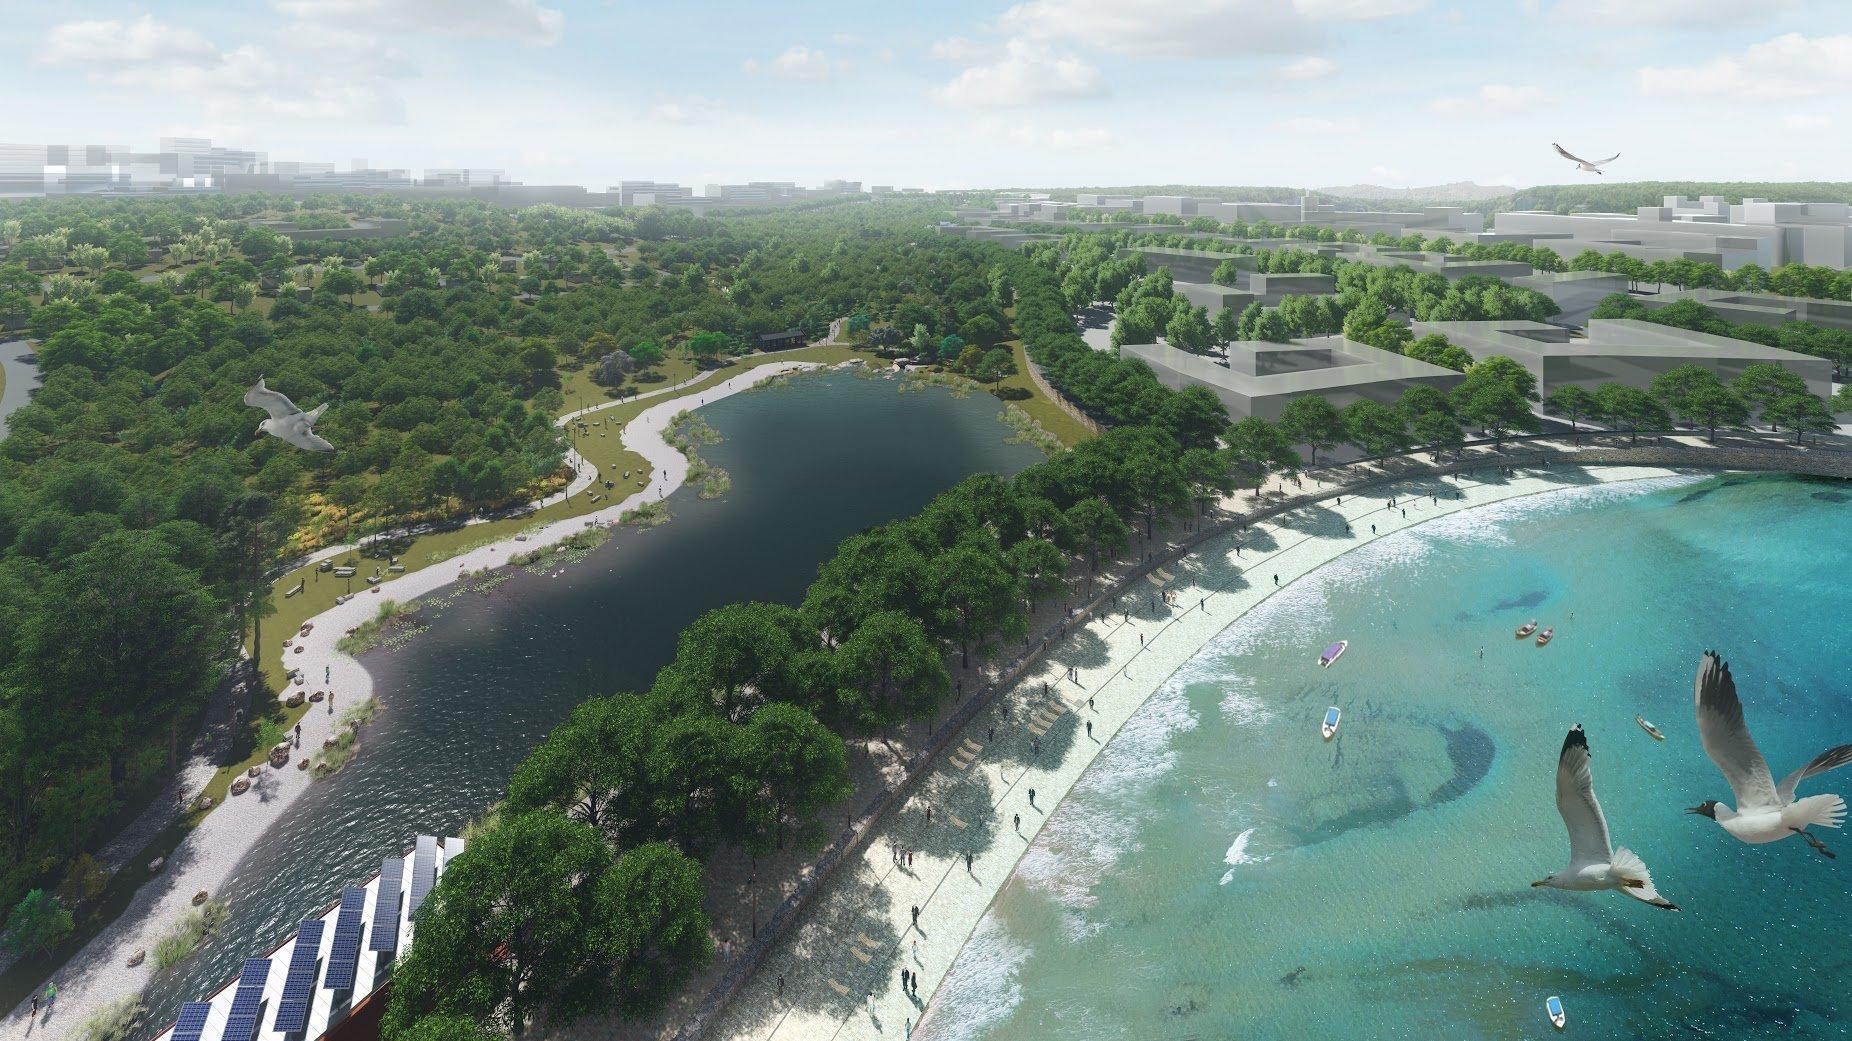 Projets d'aménagement de la baie Novik et de l'île Rousski